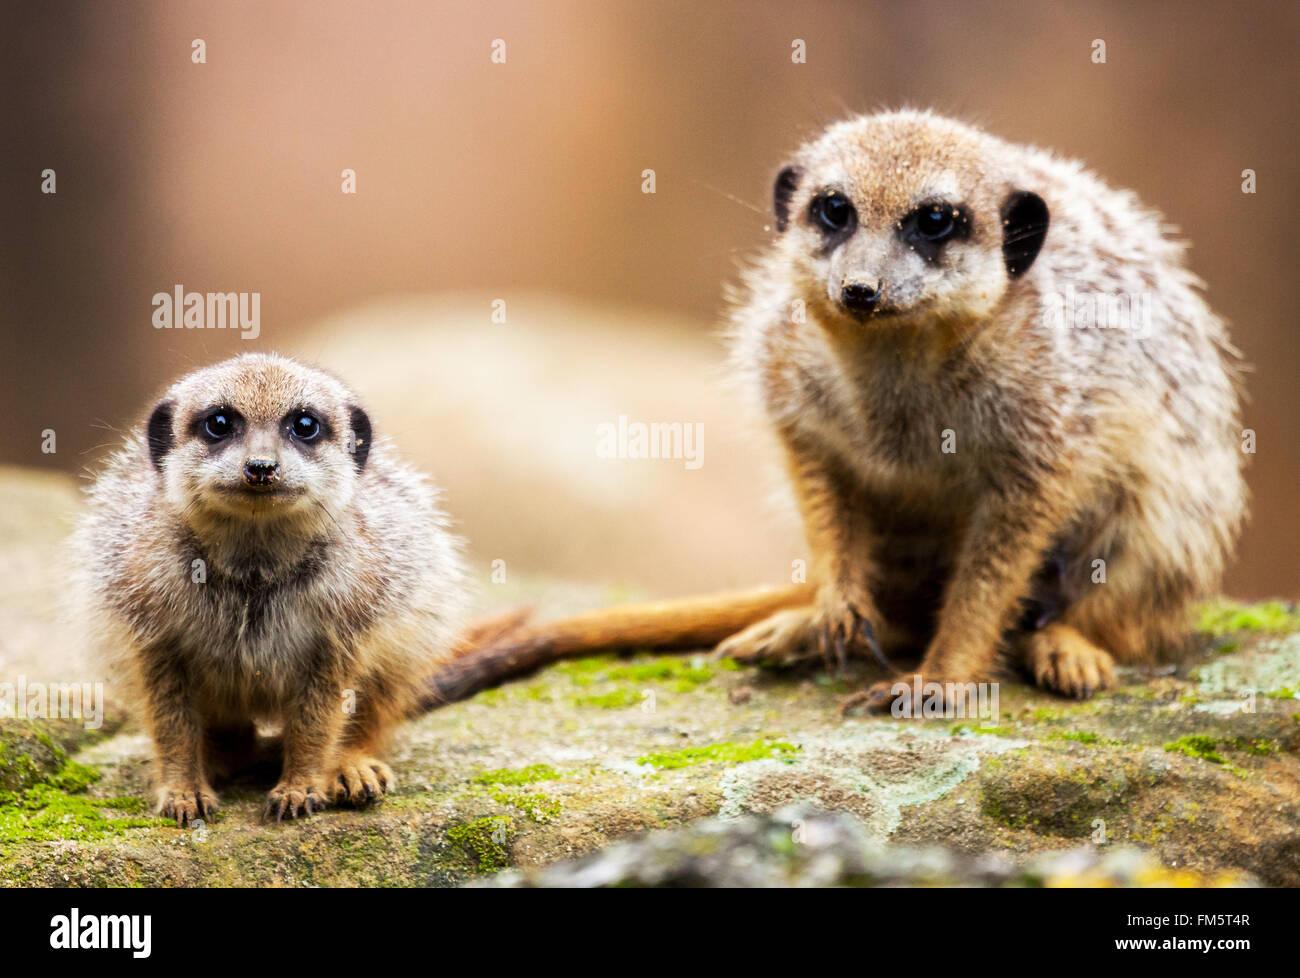 Deux suricates assis sur la pierre et à la recherche de l'appareil photo Photo Stock